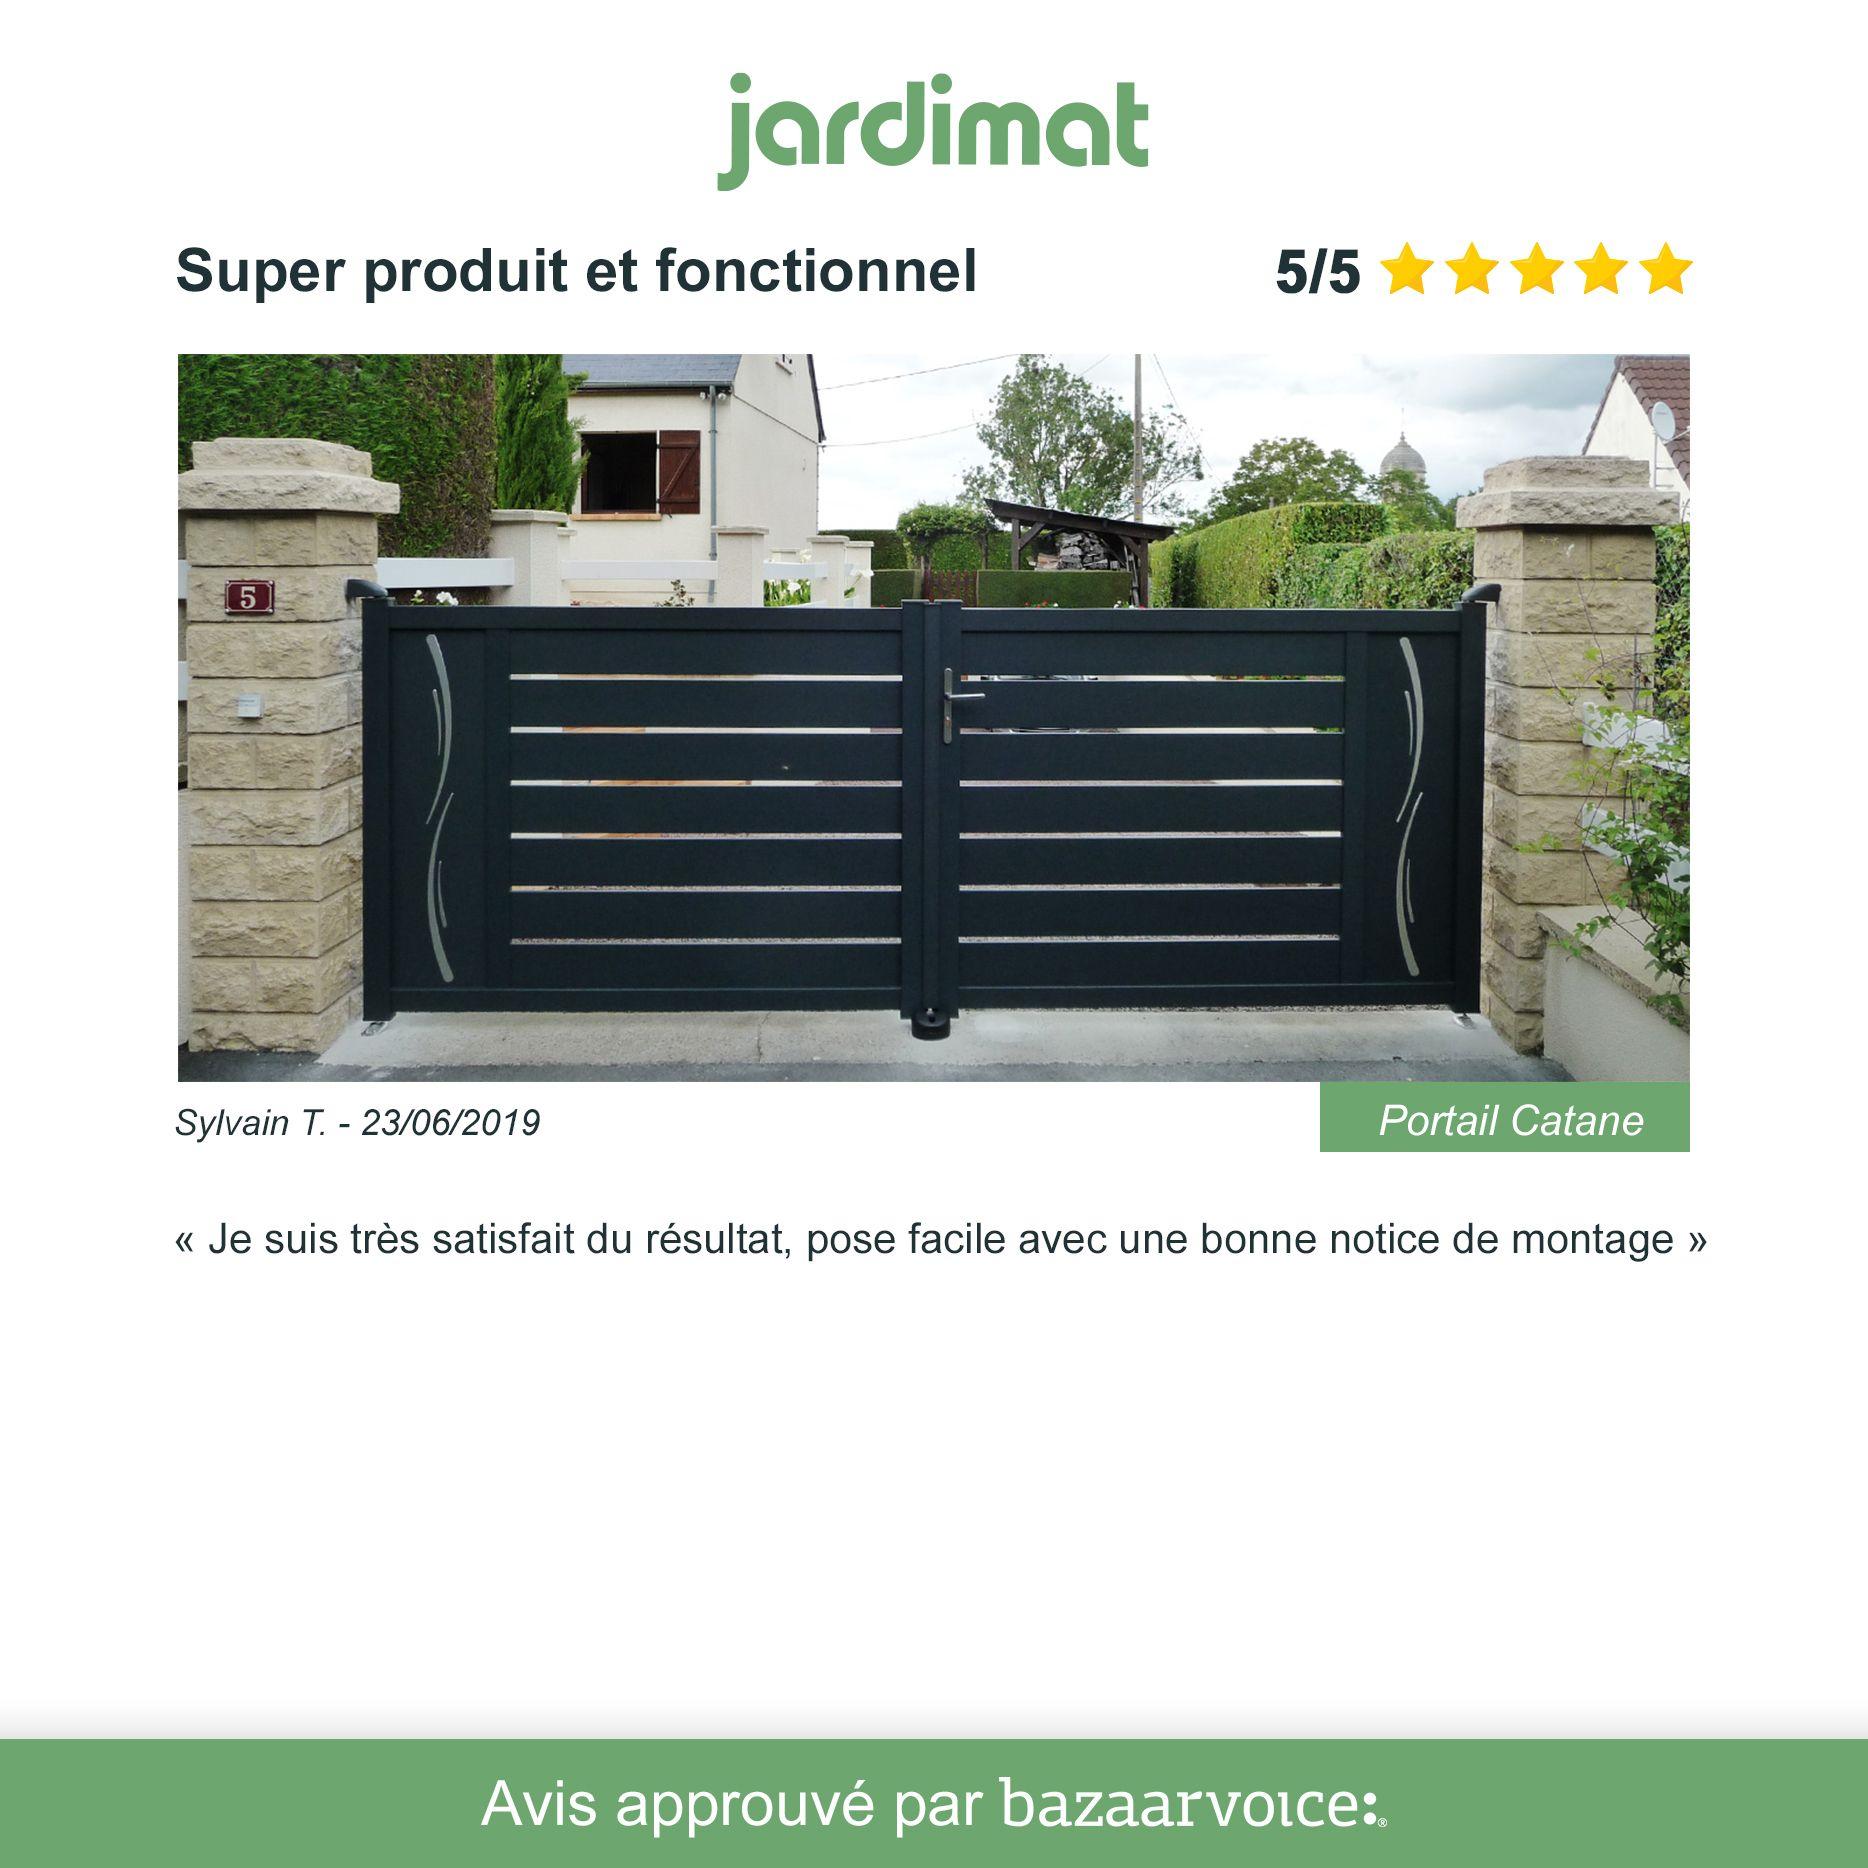 Fenetre Alu Noir Avis portail alu catane décors vagues. #jardimat #exterieur